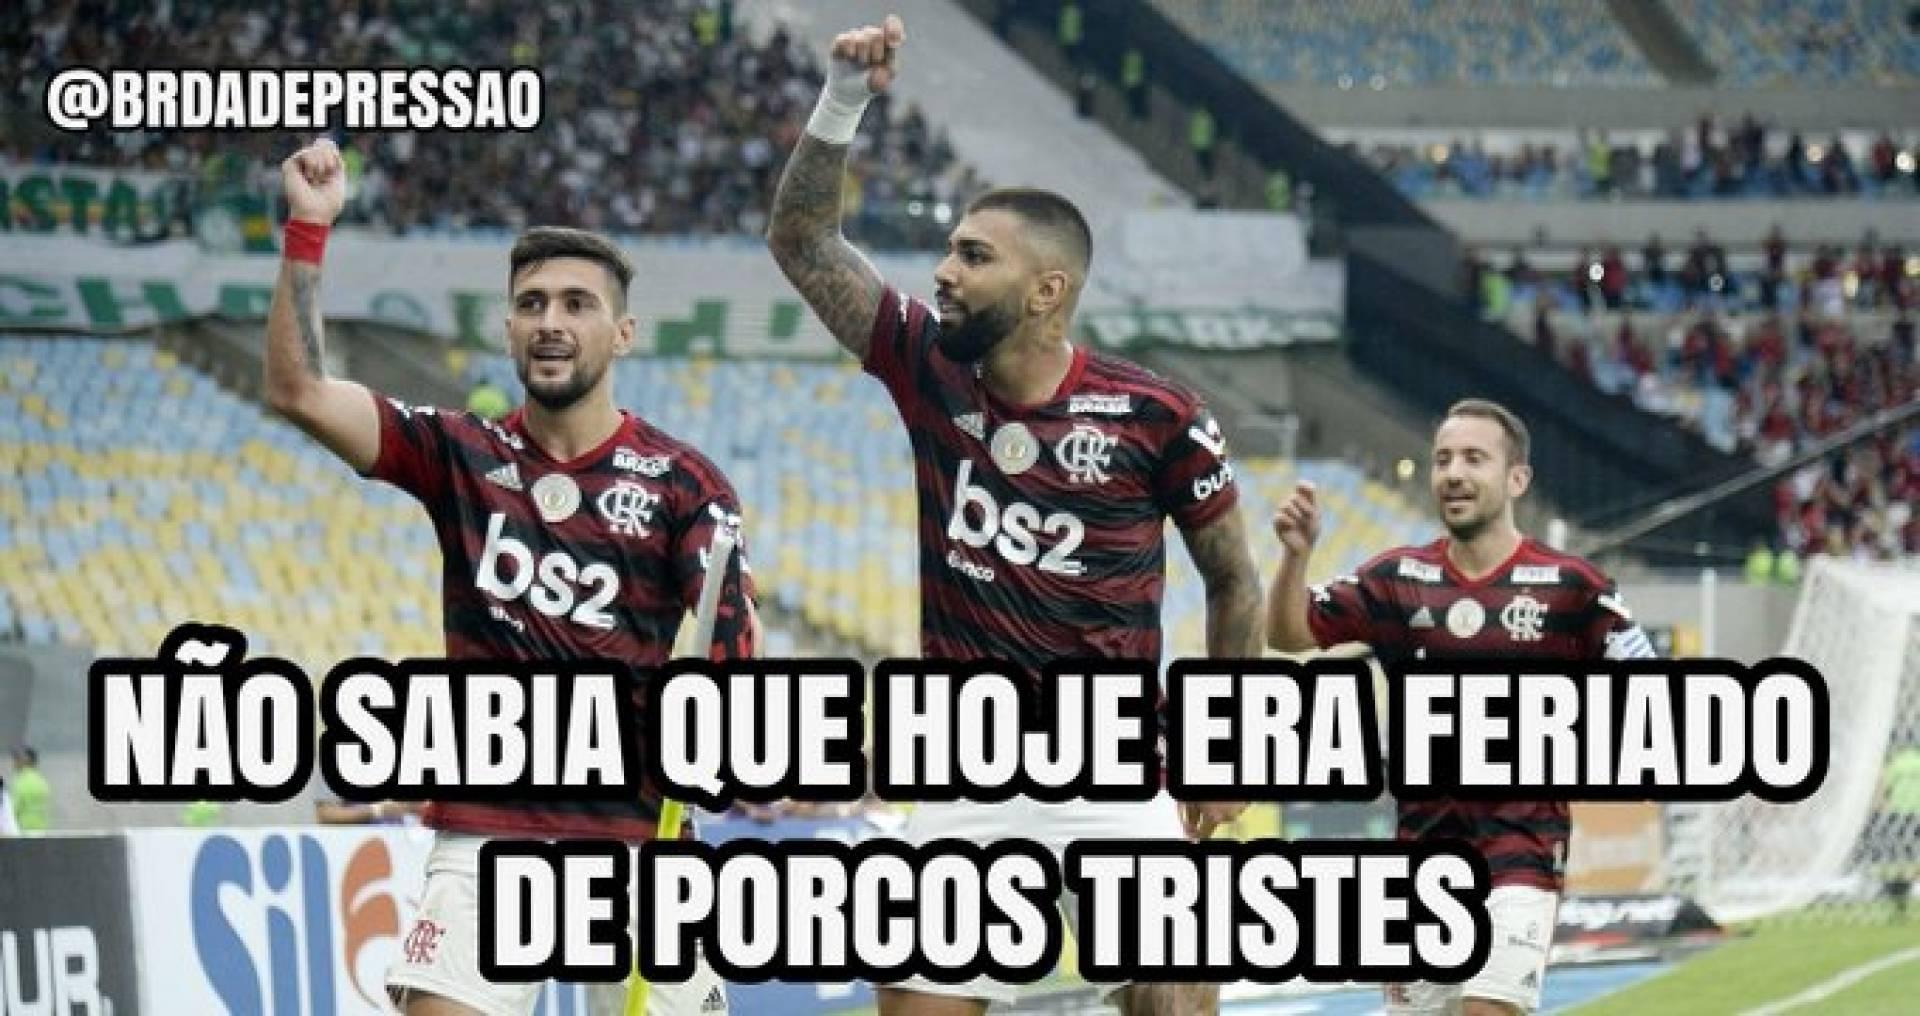 Torcida Do Flamengo Vai A Loucura Com Chocolate Em Cima Do Palmeiras Confira Memes Istoe Independente